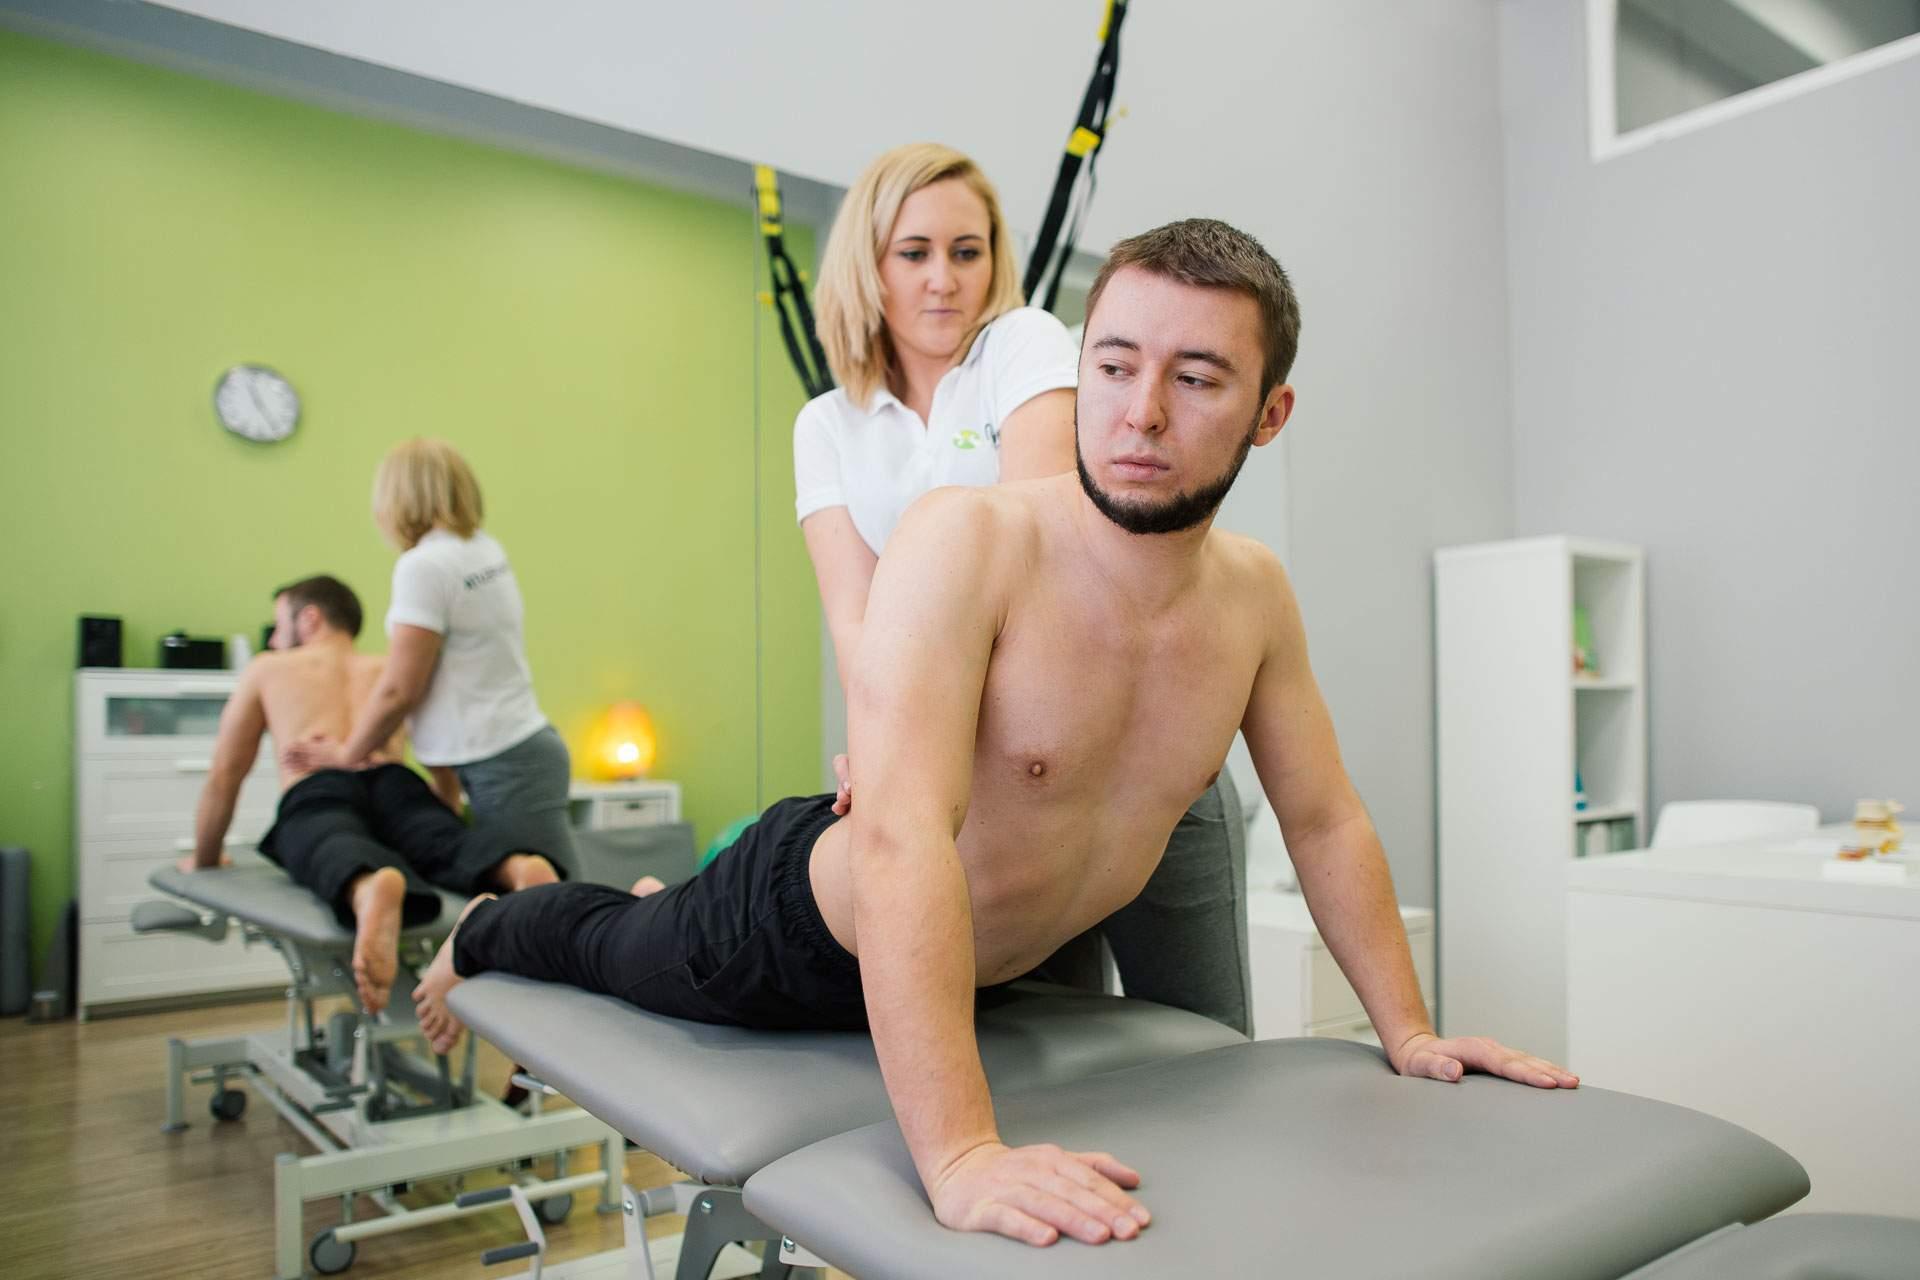 Przeprost z dociskiem ze strony fizjoterapeuty to jedna z podstawowych technik rehabilitacji kręgosłupa metodą McKenziego.